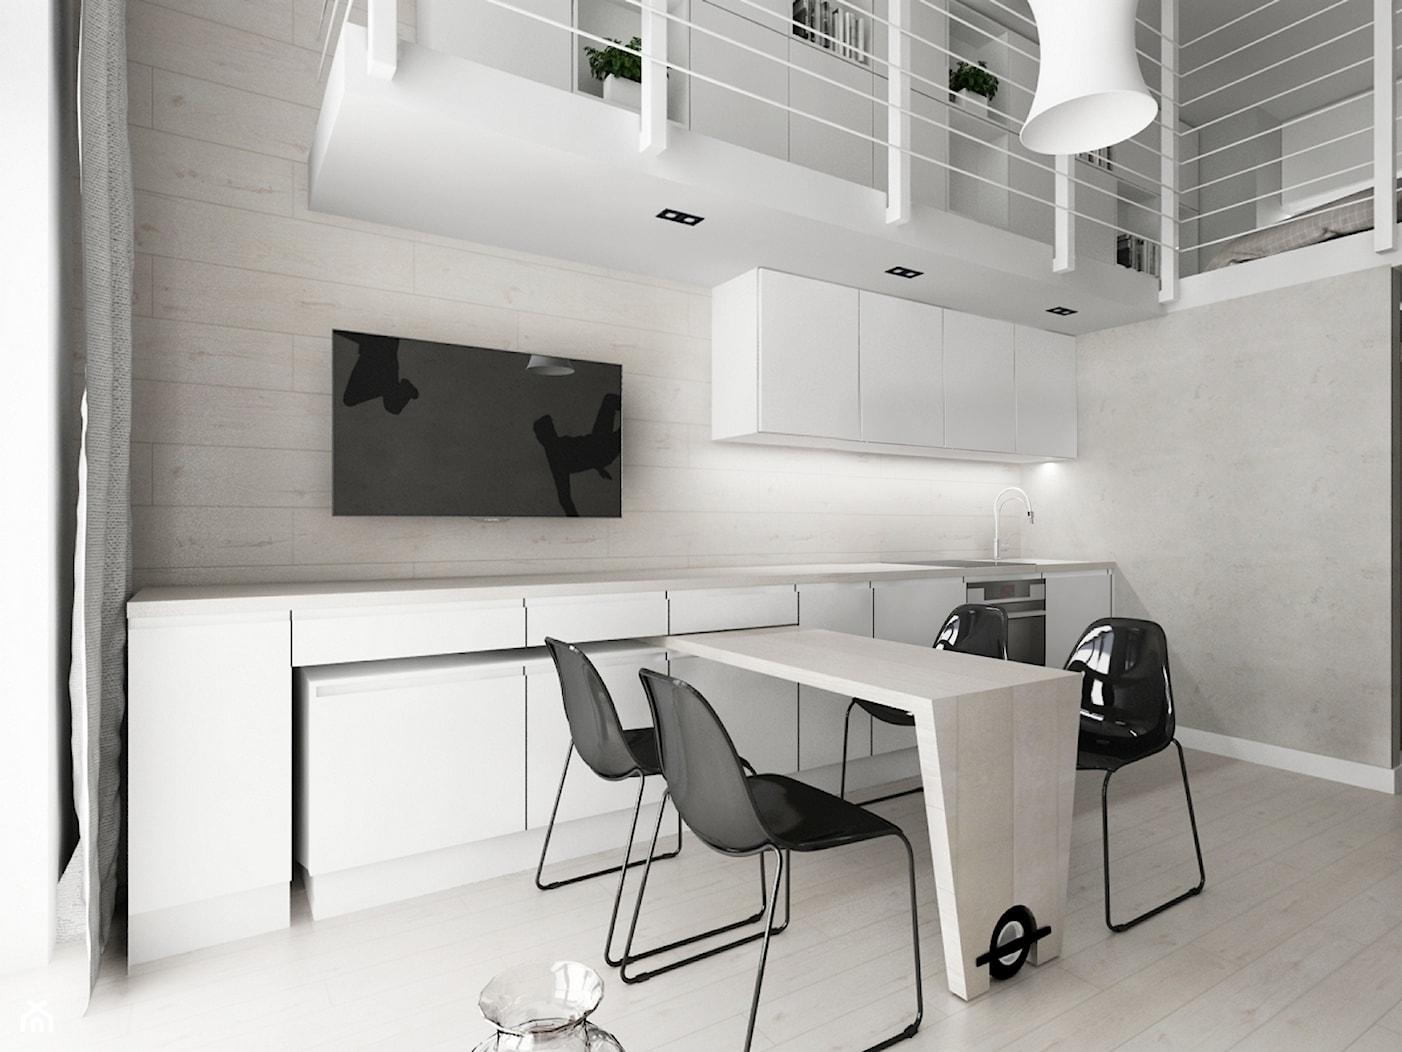 Minimalistyczny loft z grafiką - Kuchnia, styl minimalistyczny - zdjęcie od Piotr Skorupski Studio Architektury - Homebook